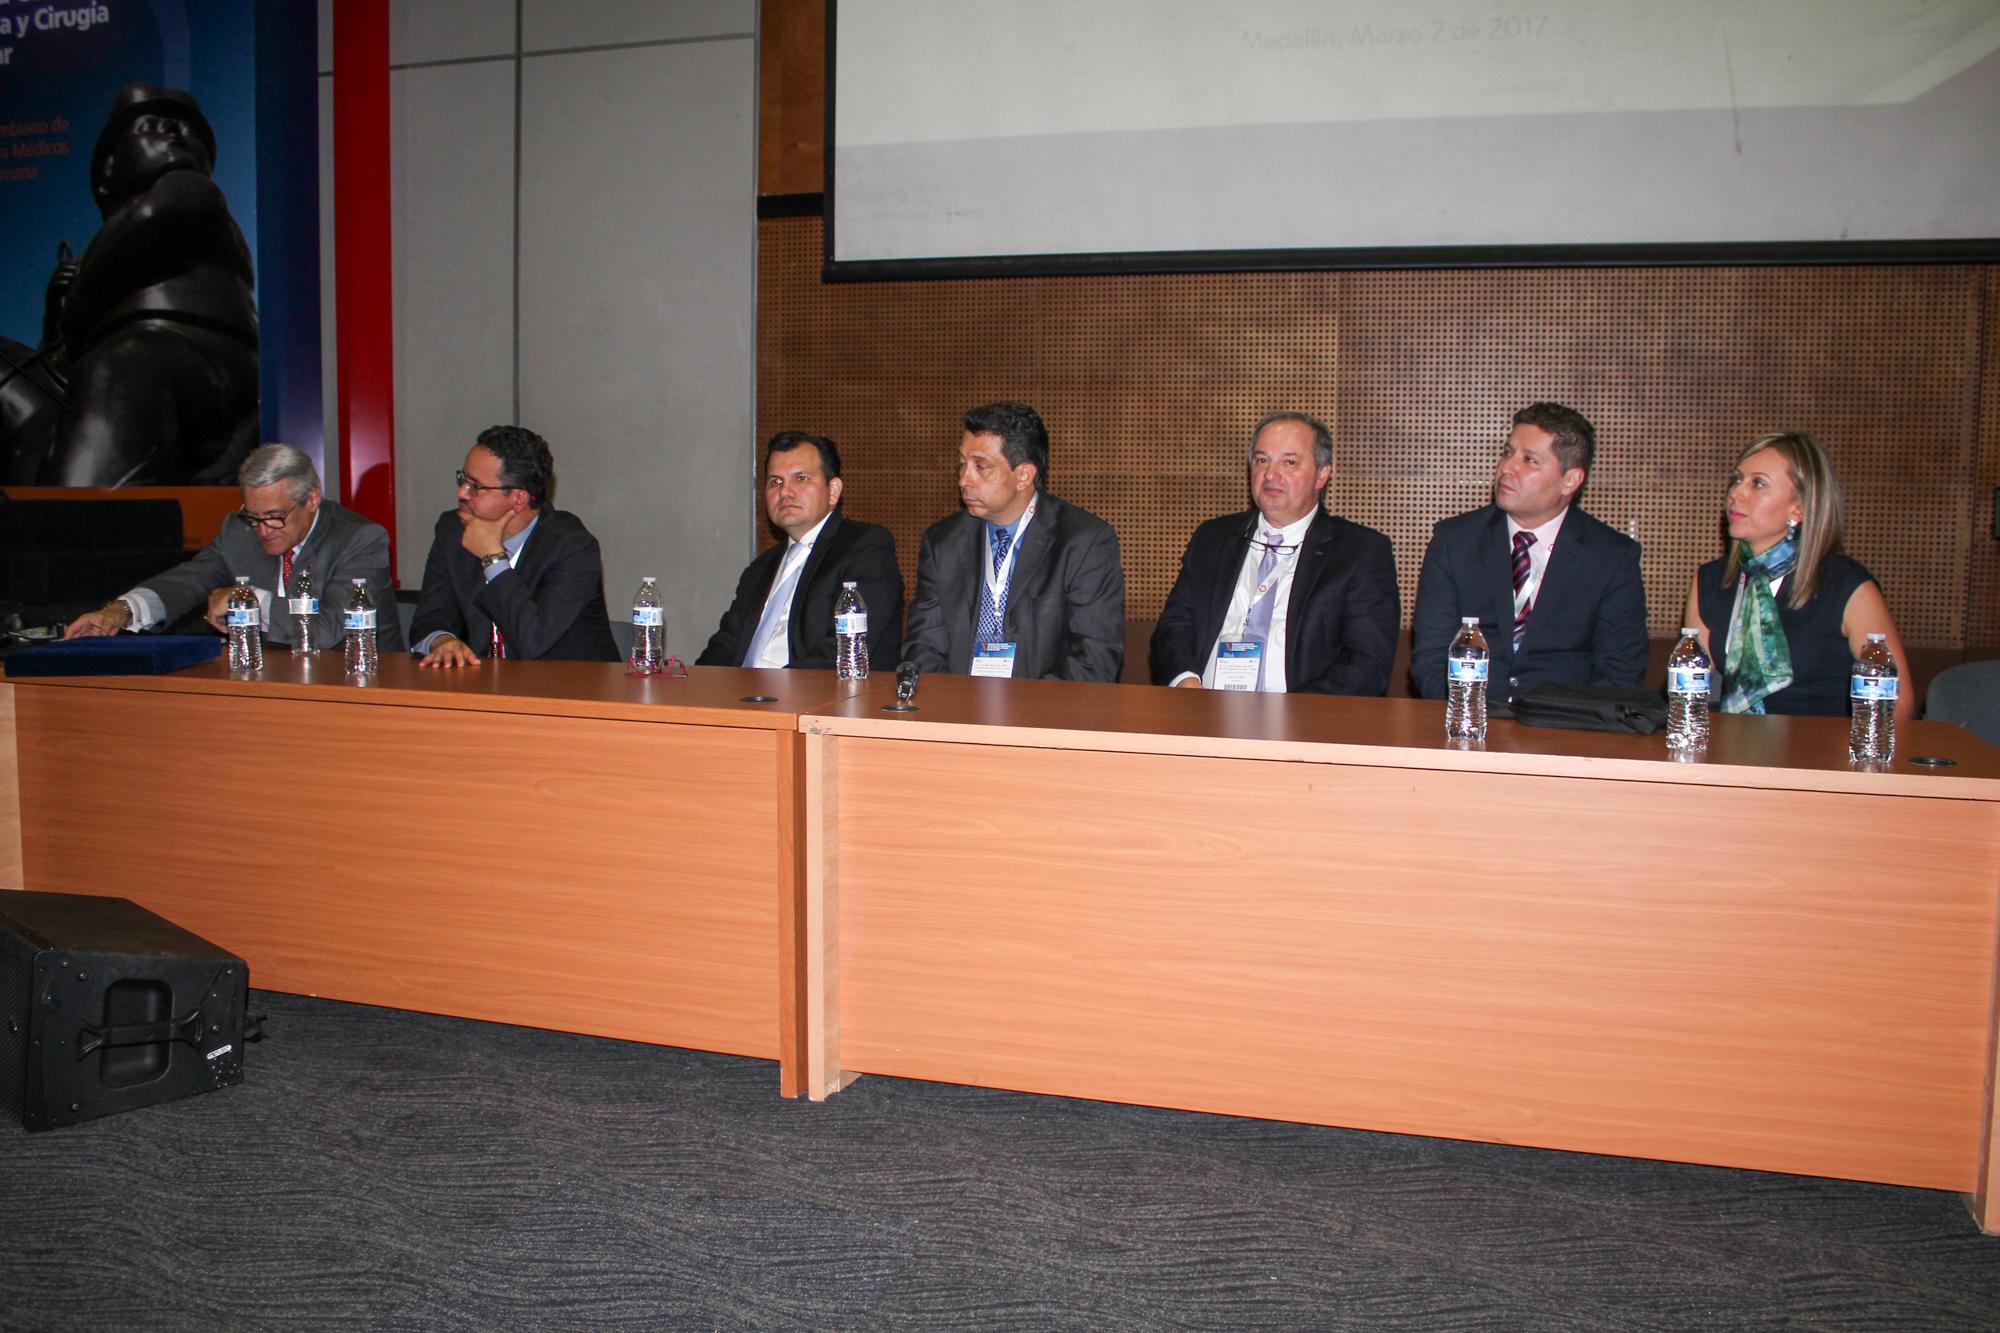 Inauguración X Simposio Internacional de la Sociedad Colombiana de Cardiología y Cirugía Cardiovascular